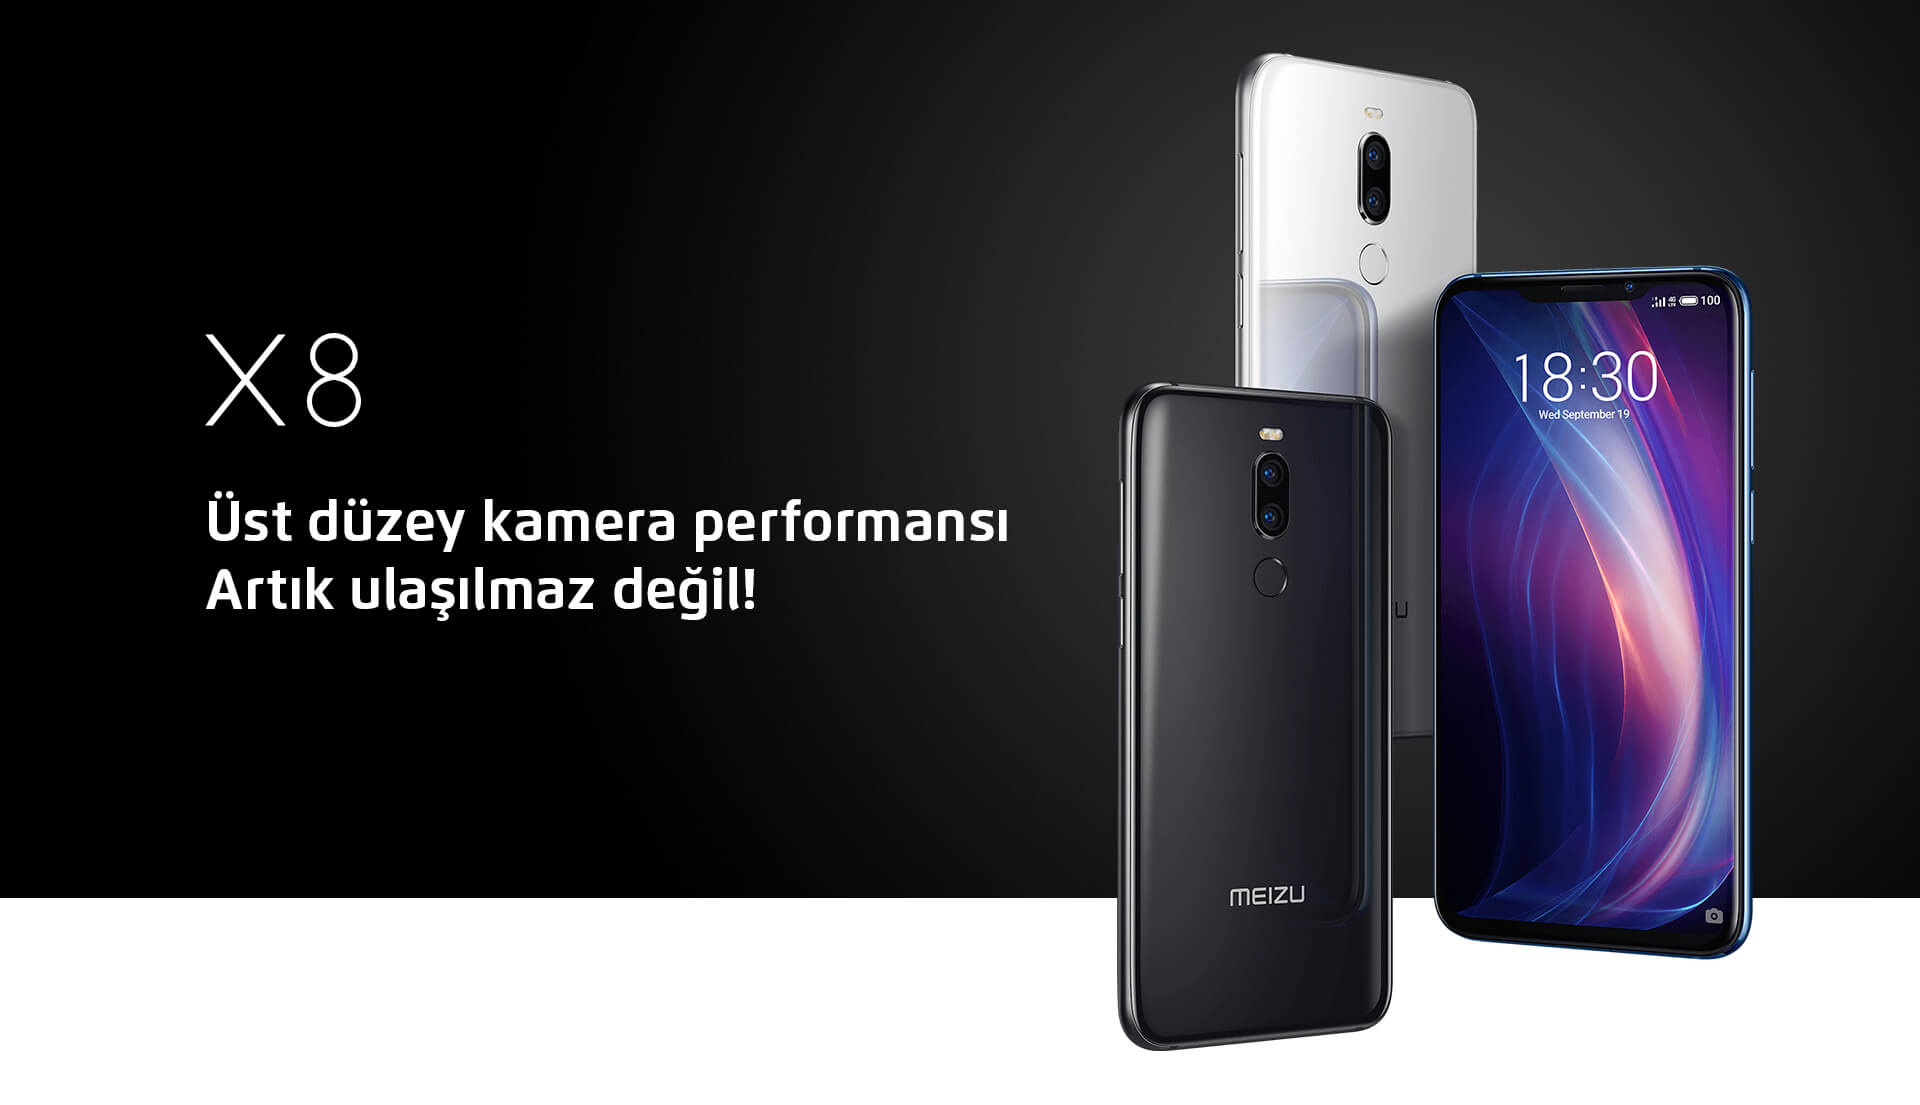 Meizu X8 ekran görüntüsü nasıl çekilir?